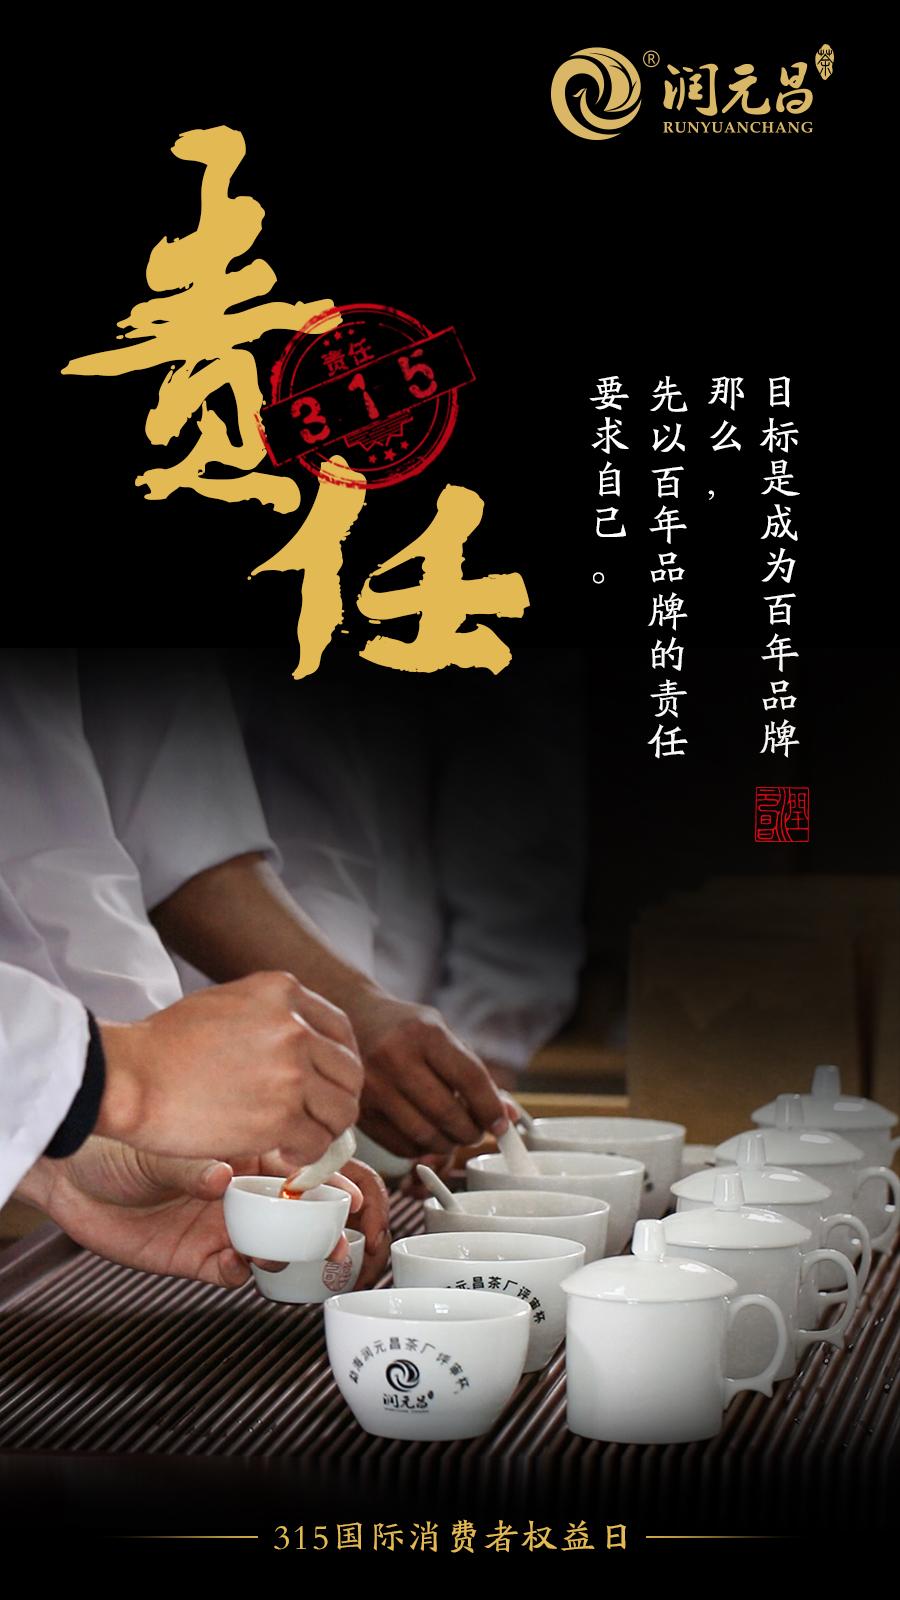 新手開茶葉店應該怎么挑選產品-新手開茶葉店應該怎么挑選產品-3